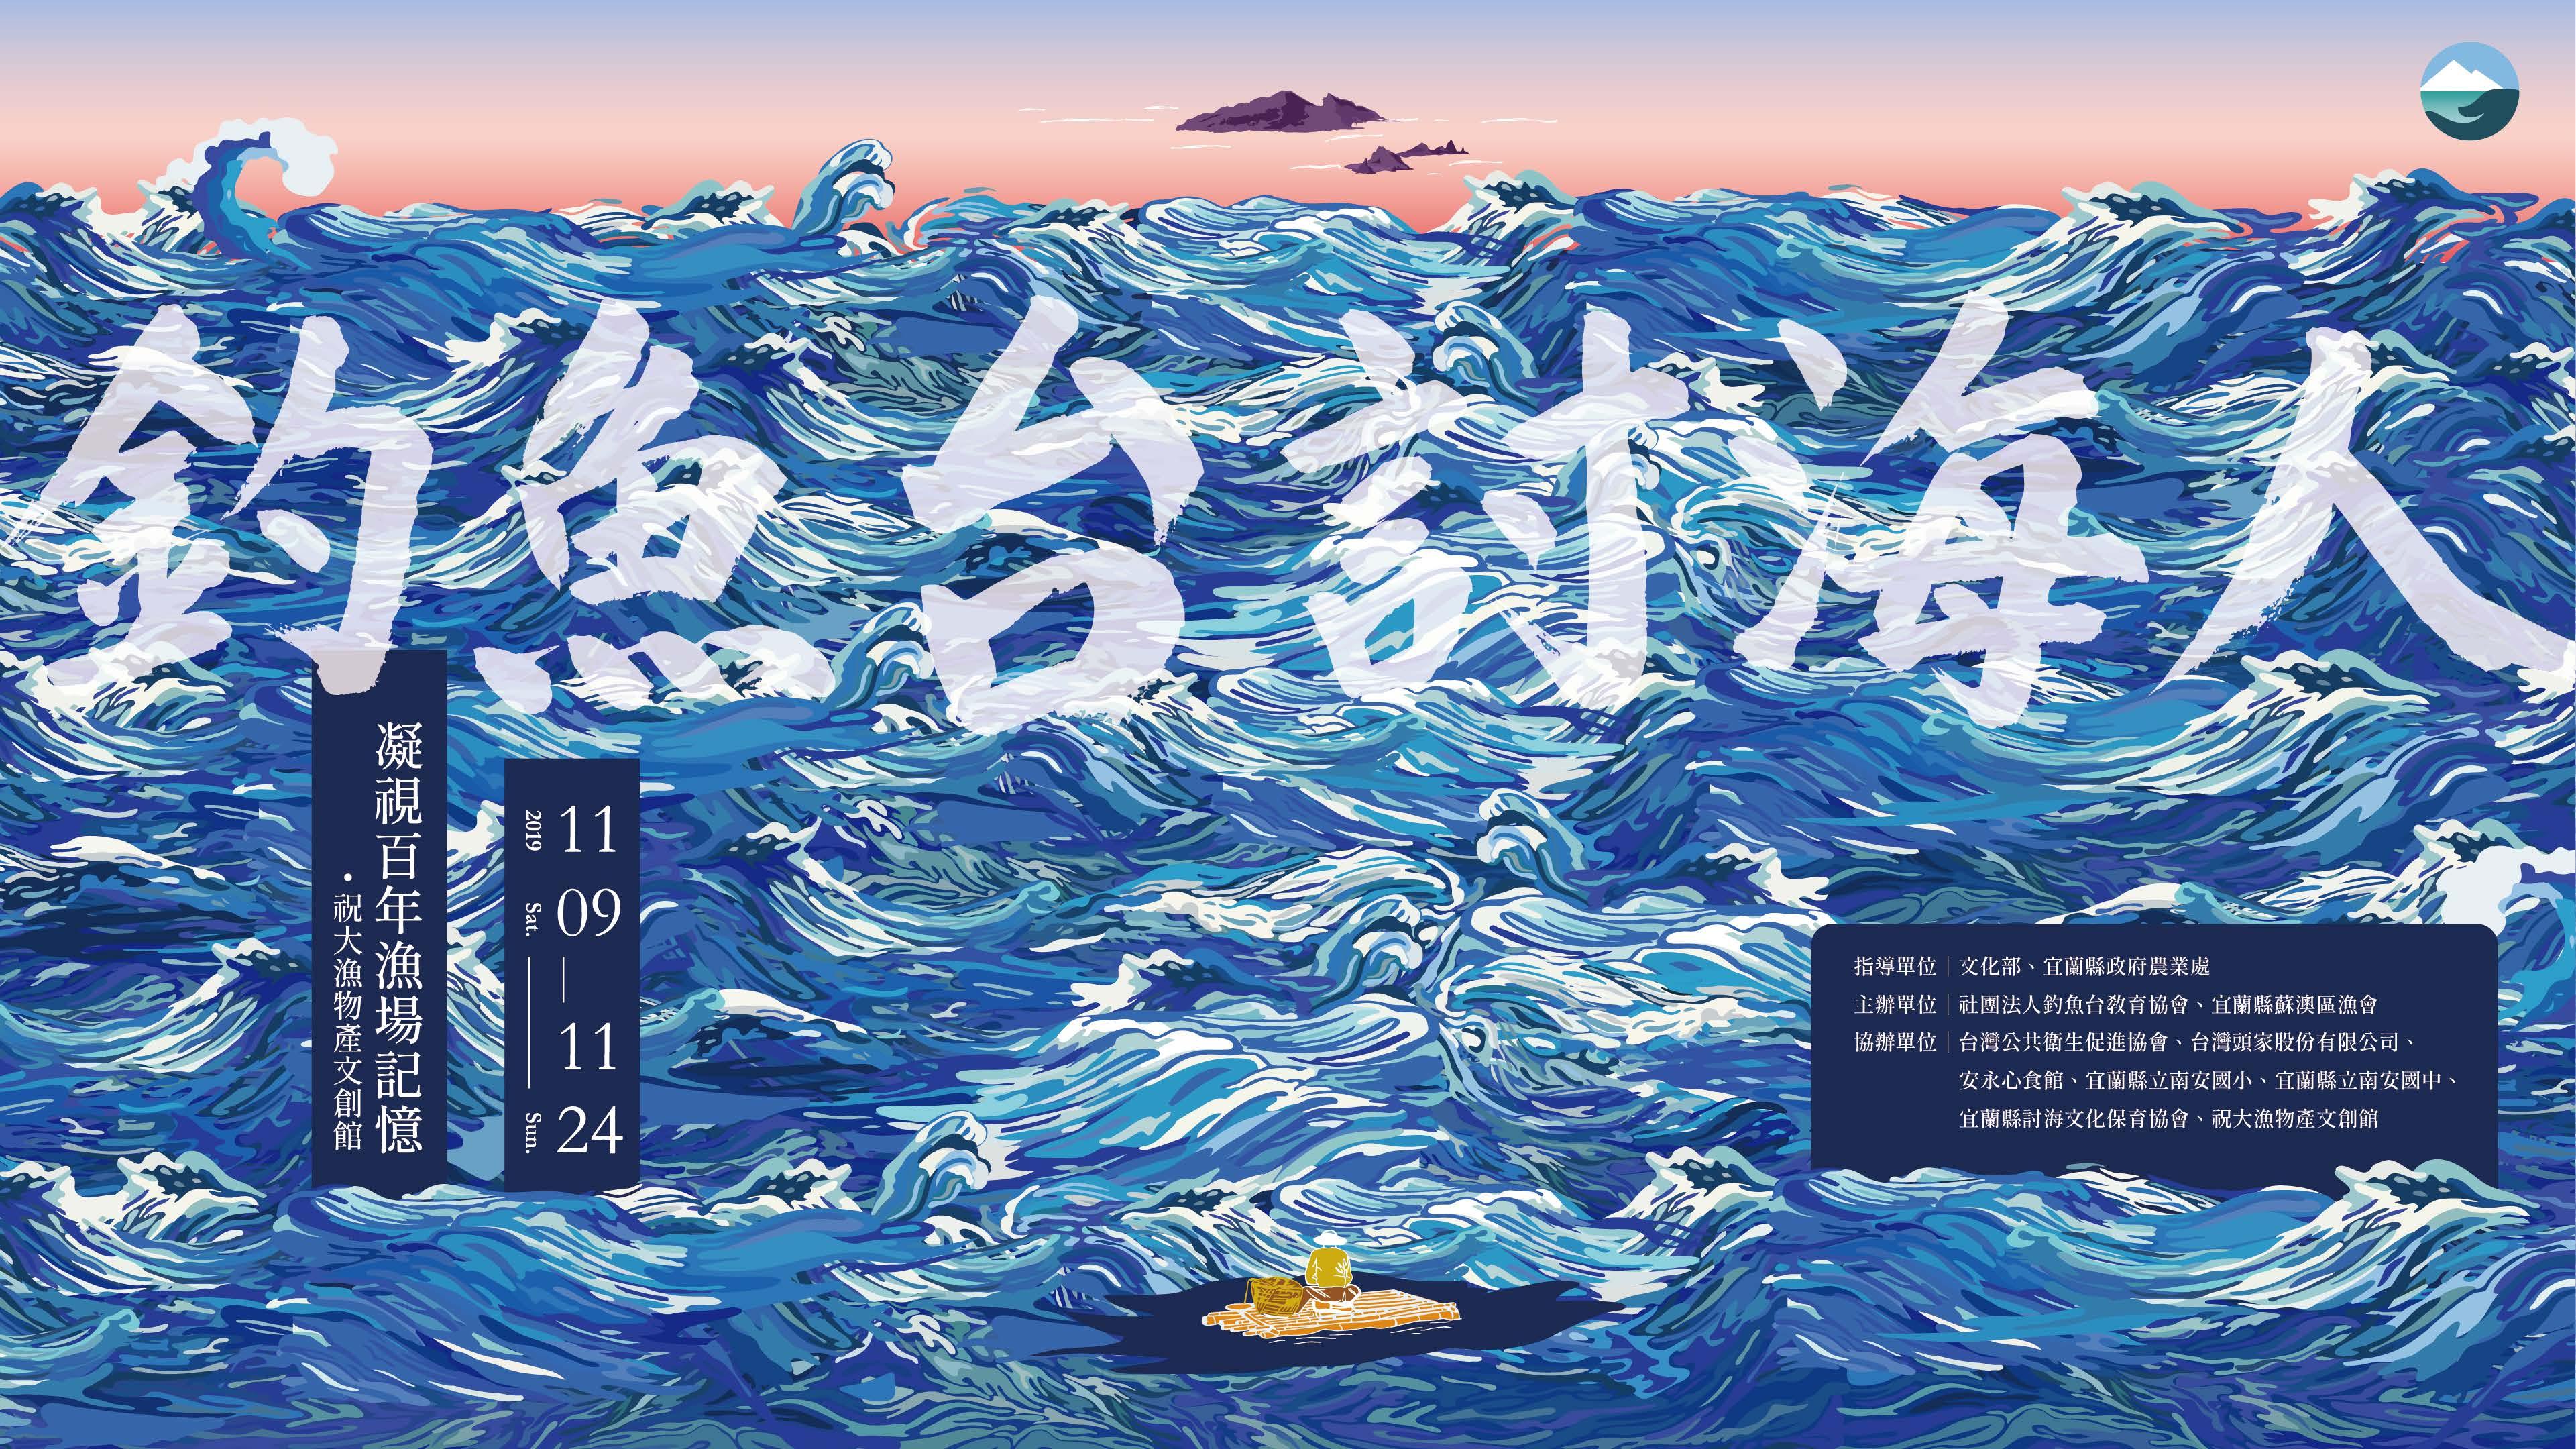 《釣魚台討海人-凝視百年漁場記憶》展